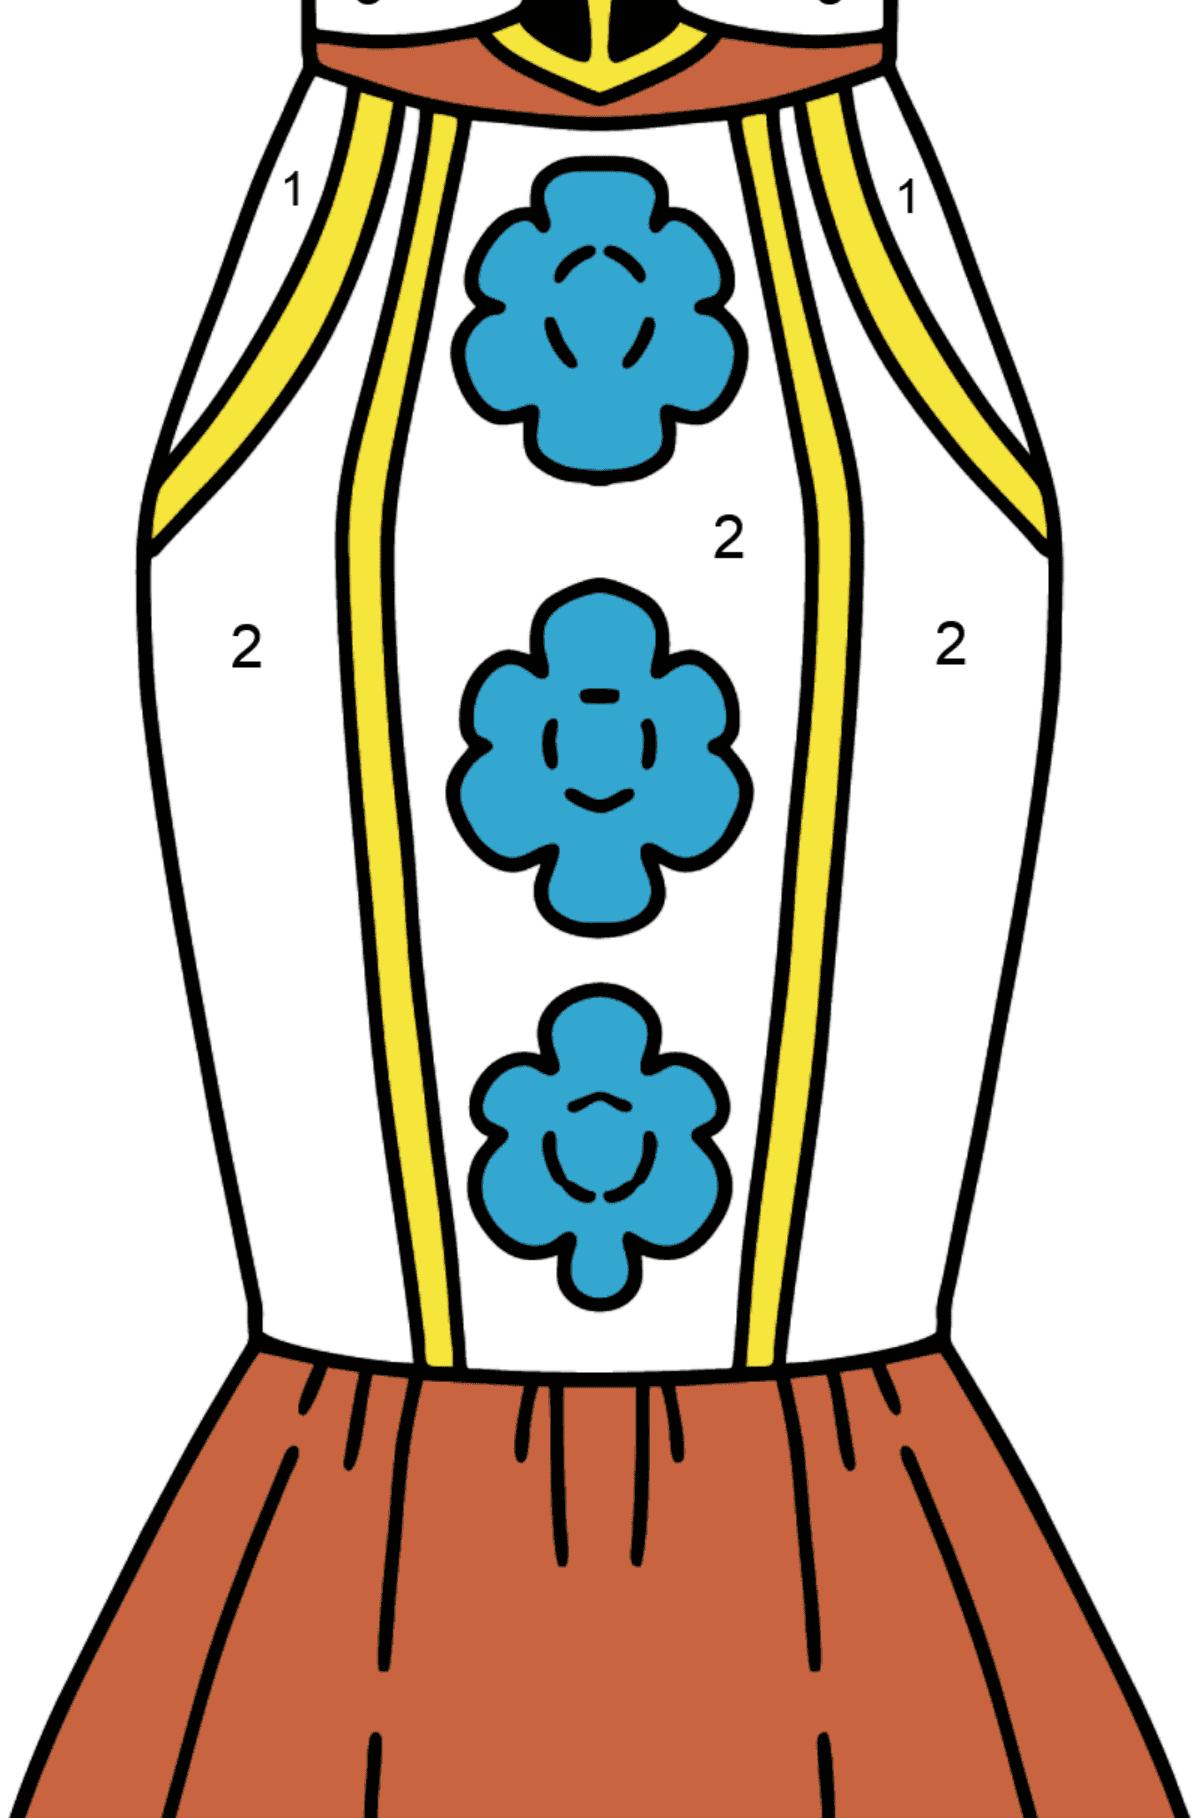 Раскраска юбка - Раскраска по Номерам для Детей